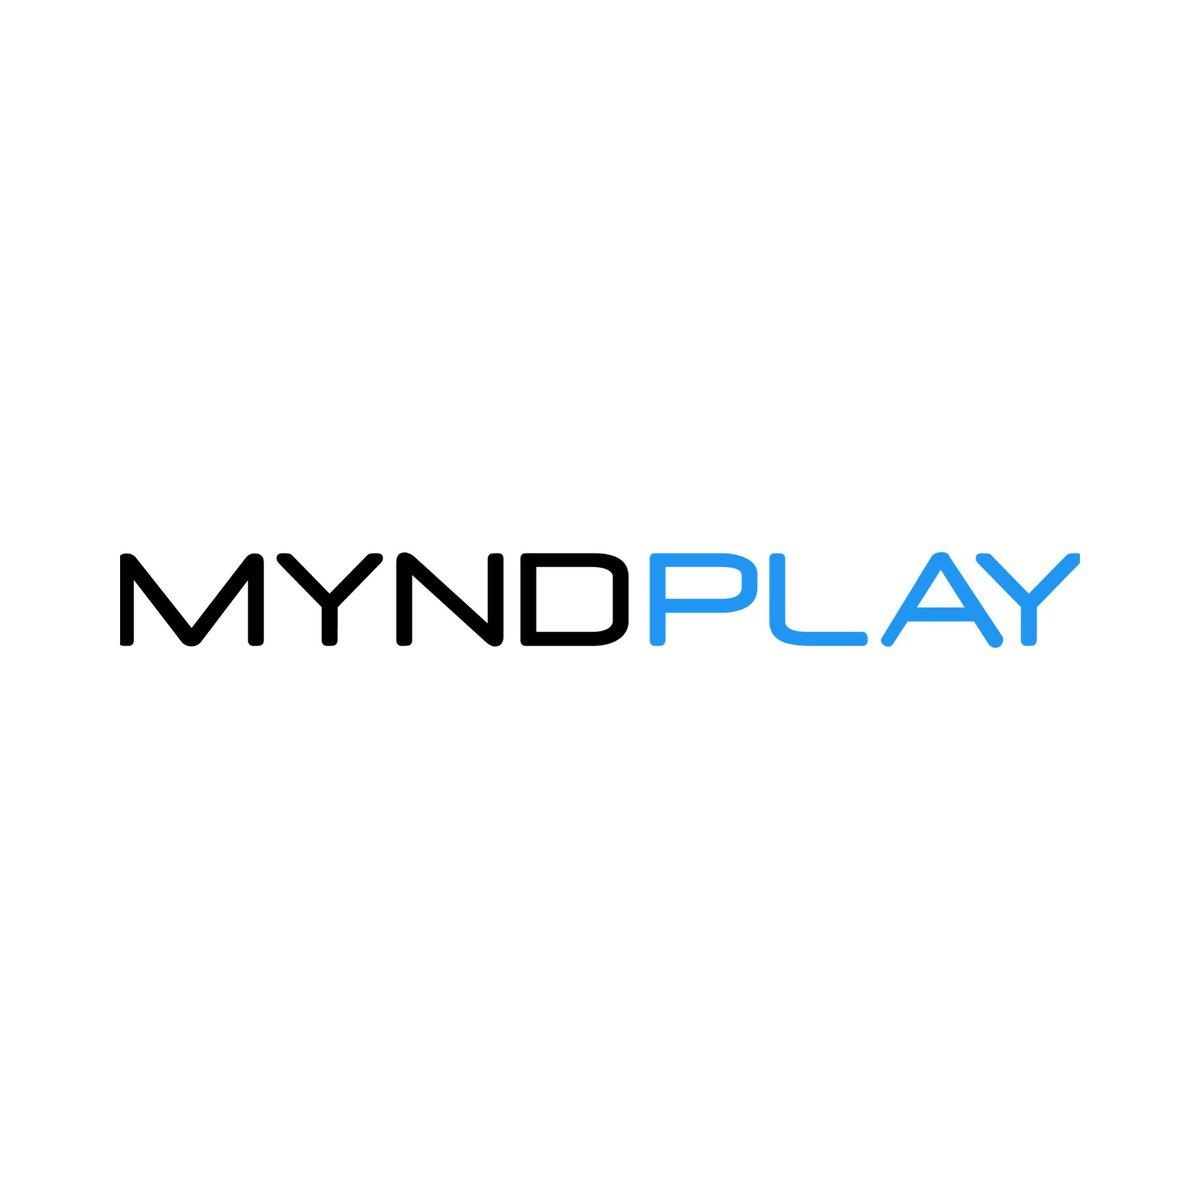 Myndplay logo